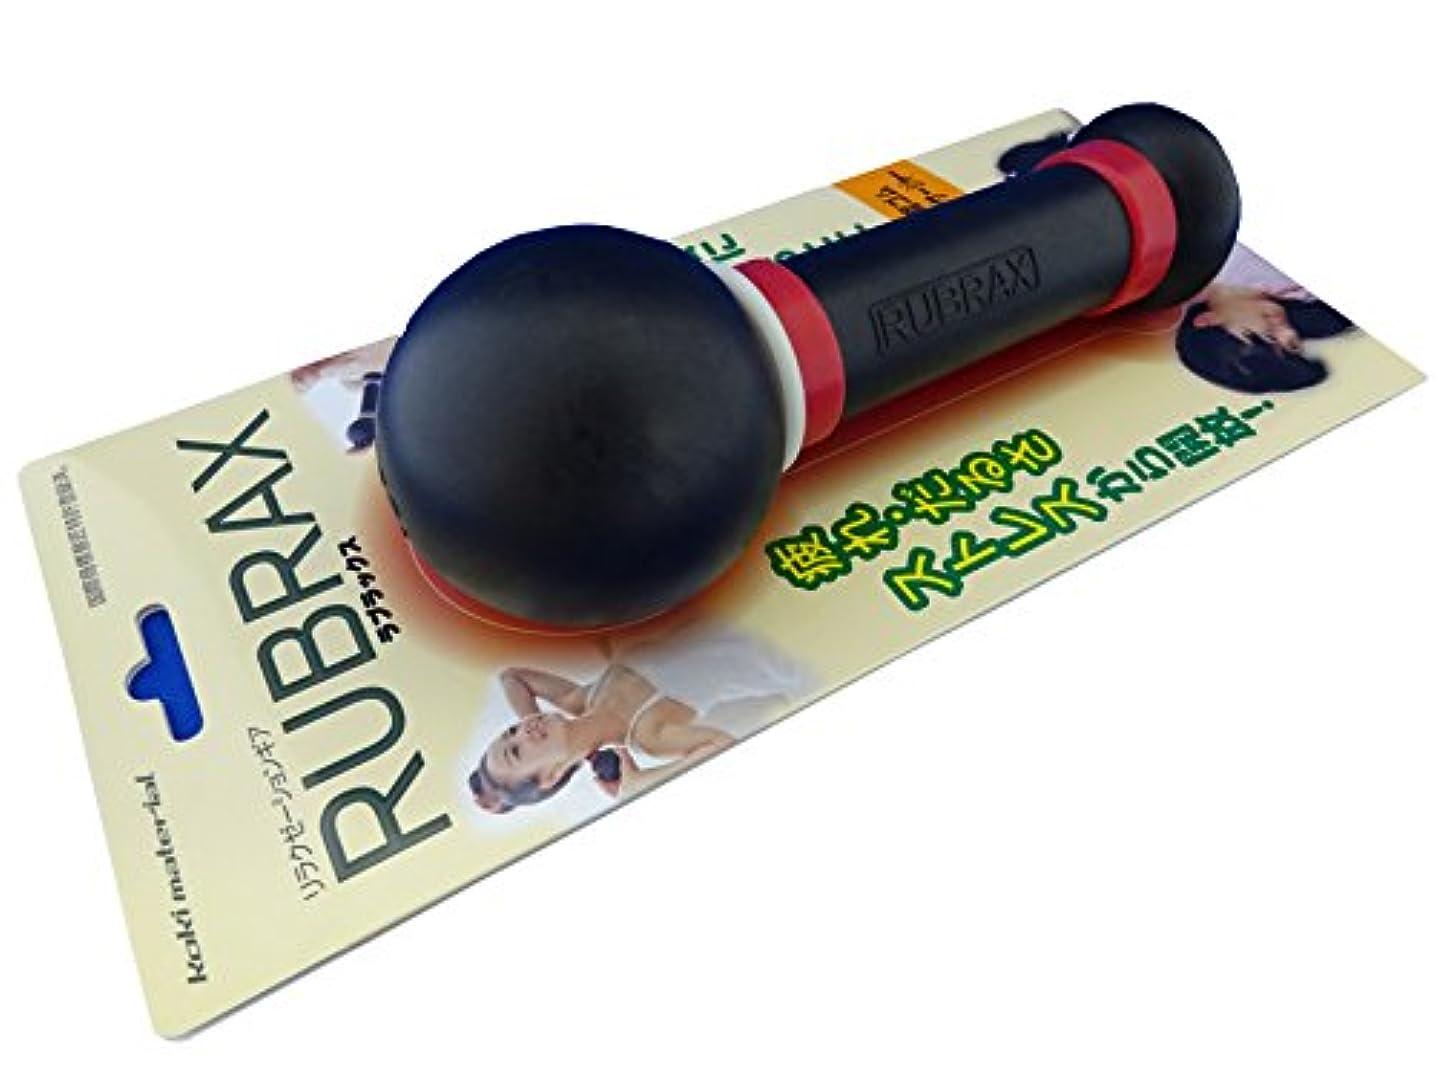 保存一流スカートコーキマテリアル リラクゼーションギア RUBRAX(ラブラックス)